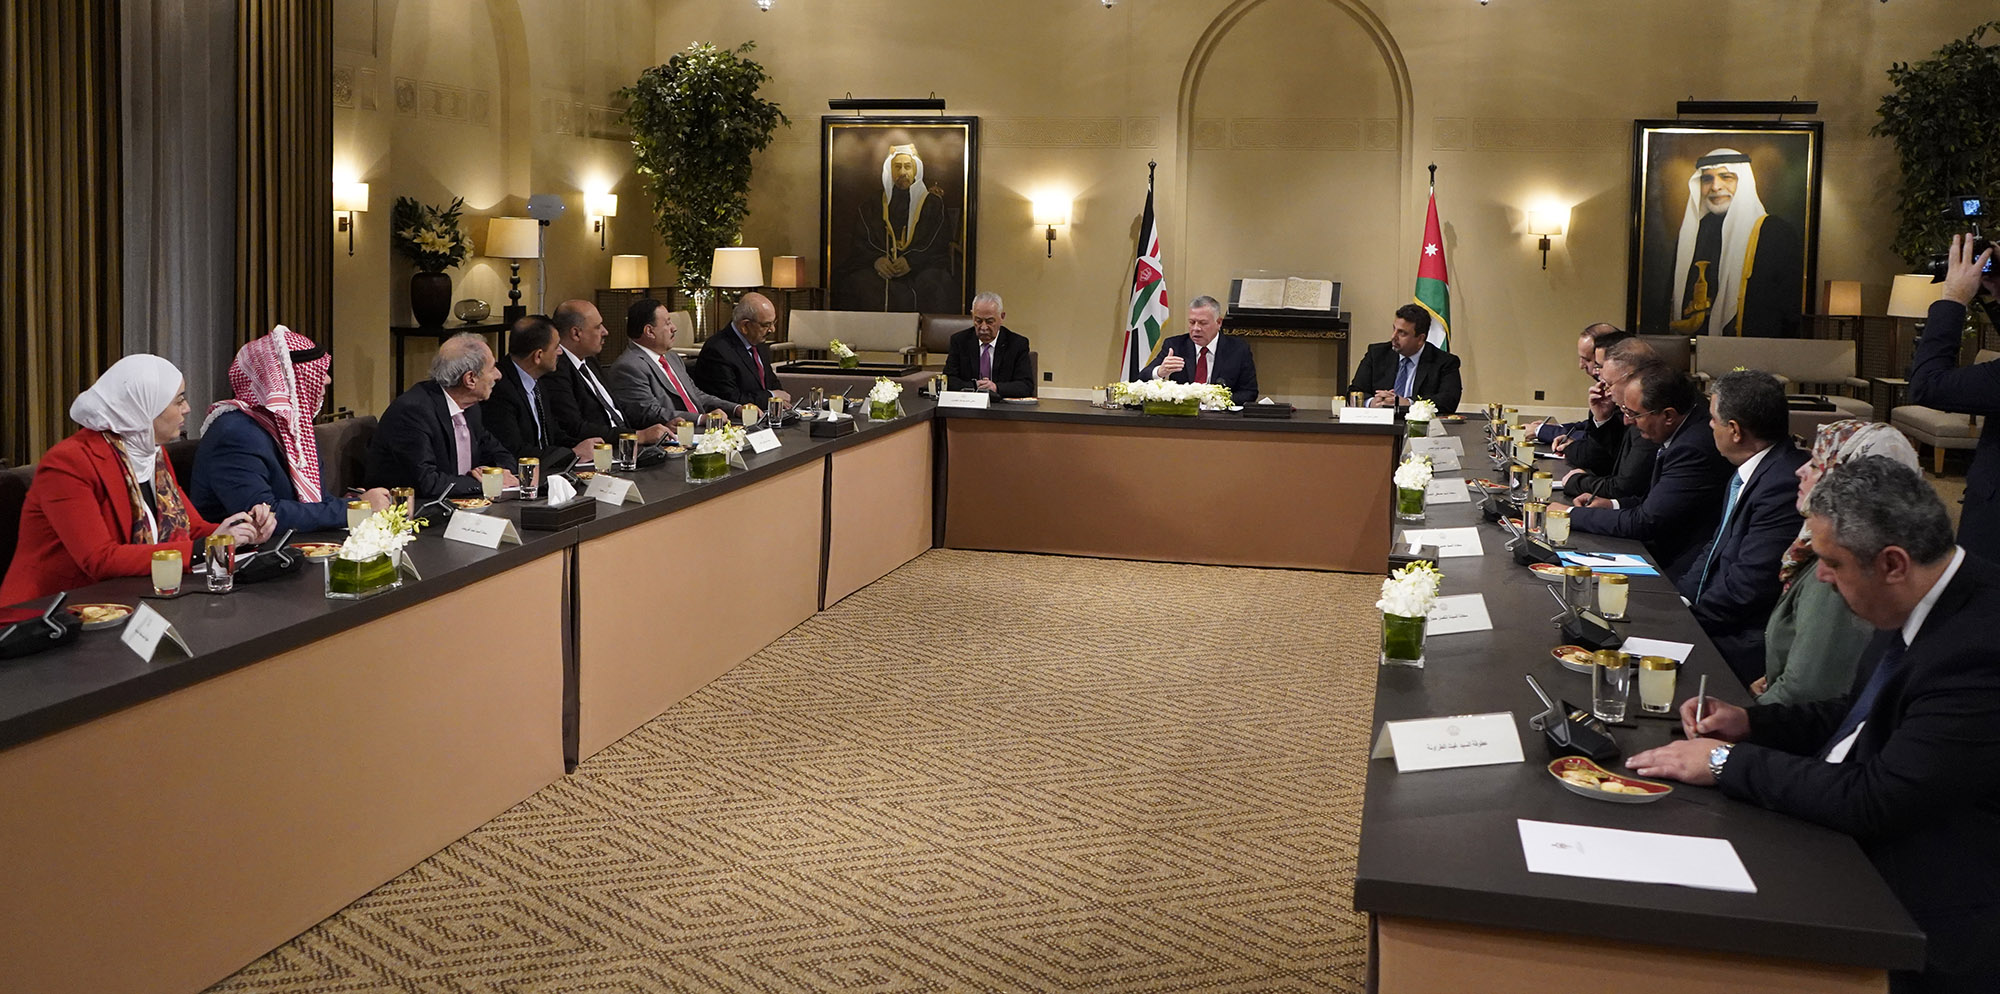 الملك يؤكد ضرورة التوضيح للمواطن الأردني الأولويات والبرامج التي يسير بها الأردن نحو المستقبل